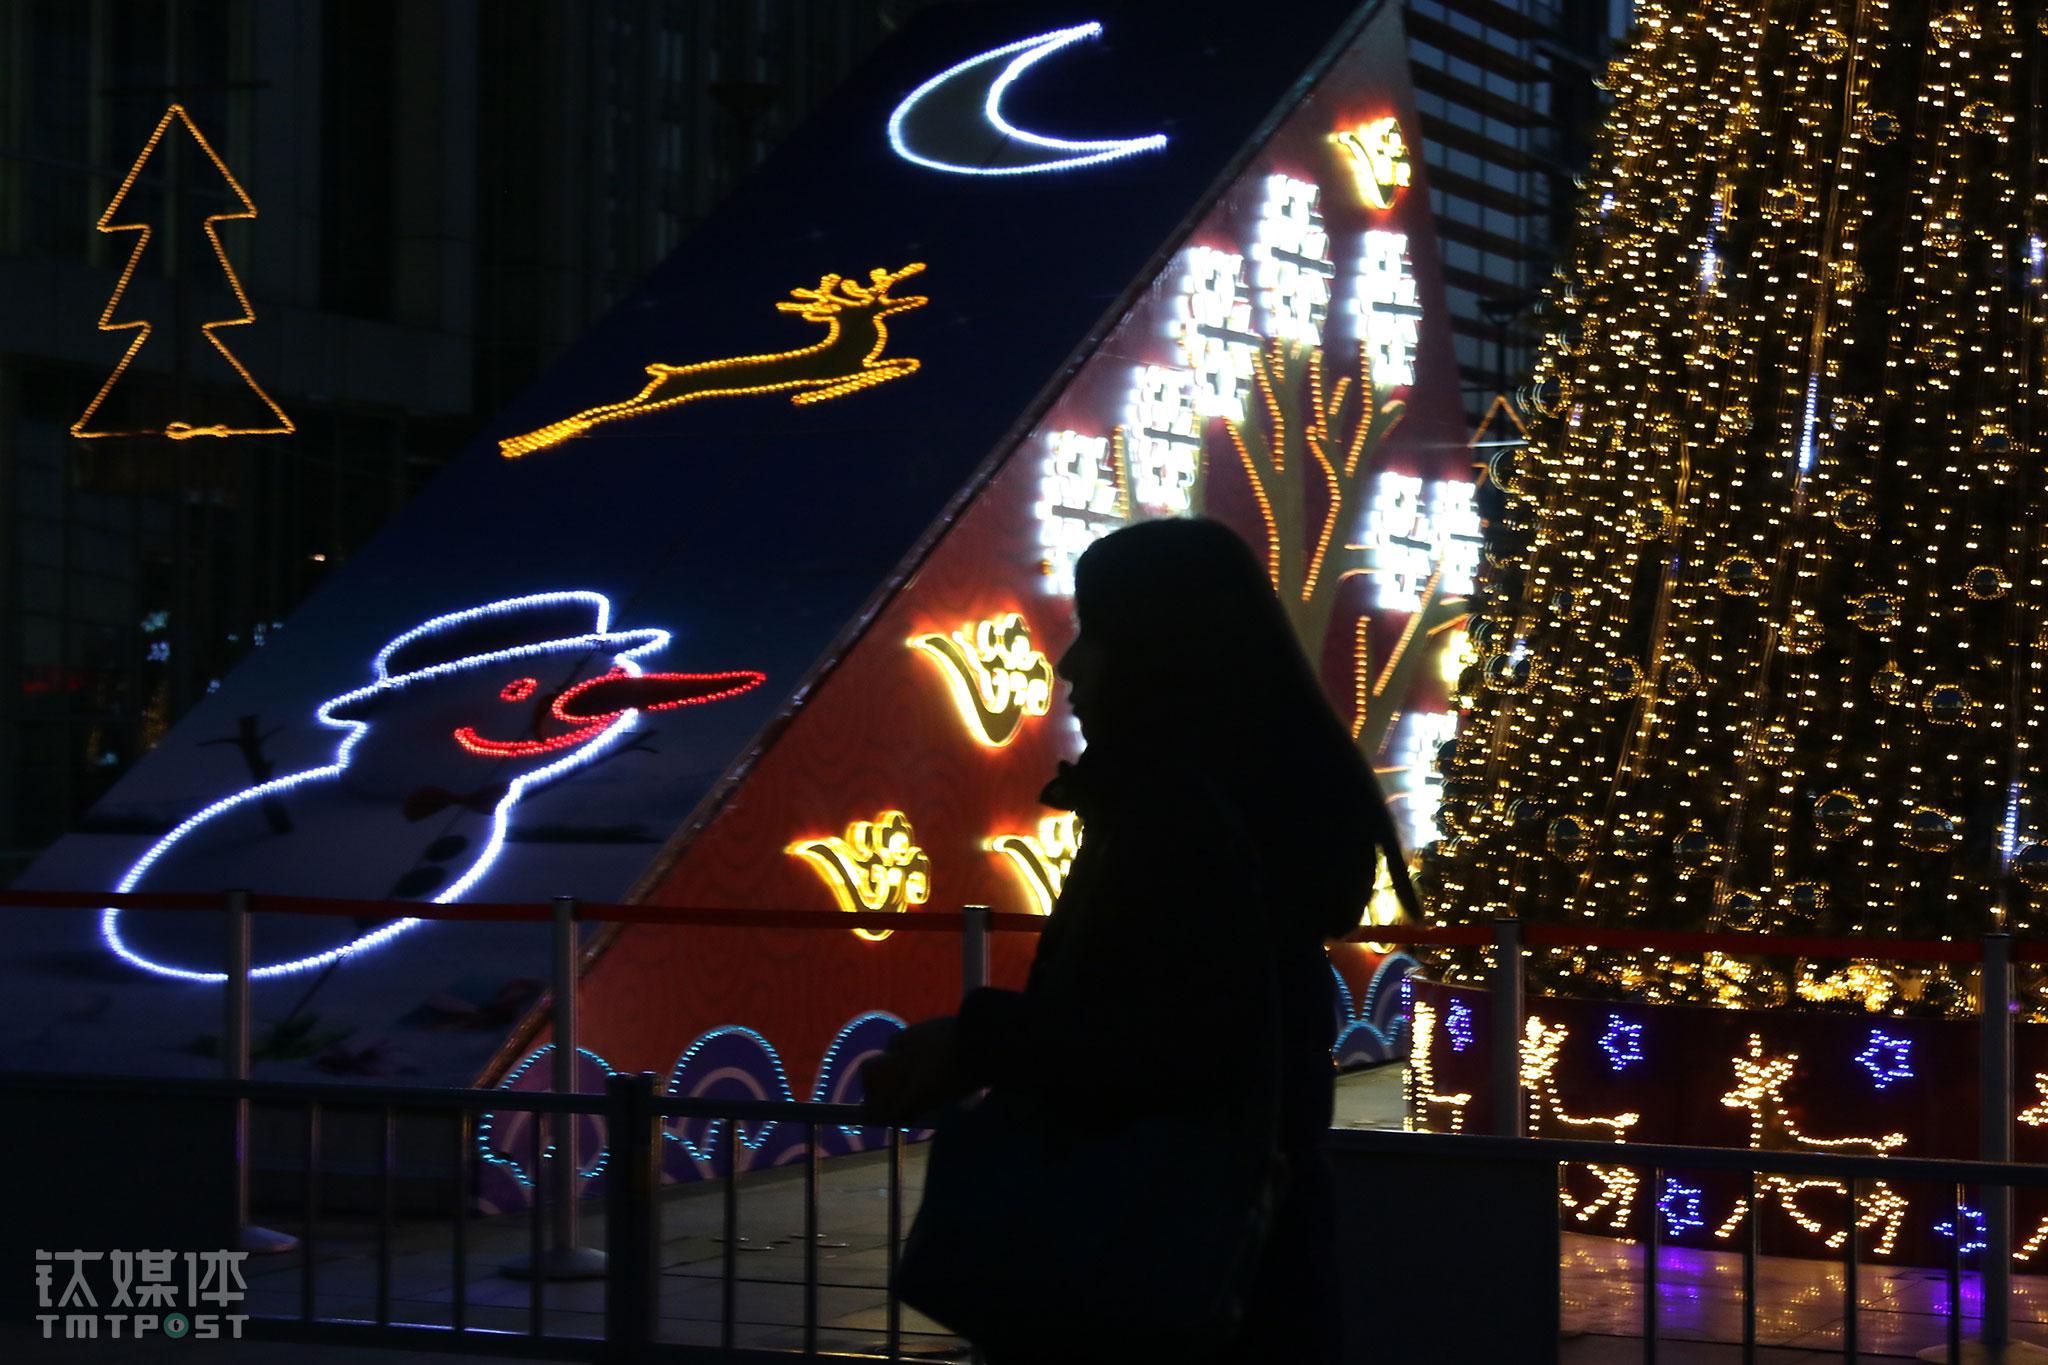 2015年圣诞节前夕,完成当天工作后,速记师任倩乐从一棵圣诞树旁经过。从2004年来到北京,她一直在做速记。每天穿梭在各个会场,在角落里安静第听着发言,打着字,对这个工作了十多年的城市,她说自己没有什么归属感。(一个速记师的故事)